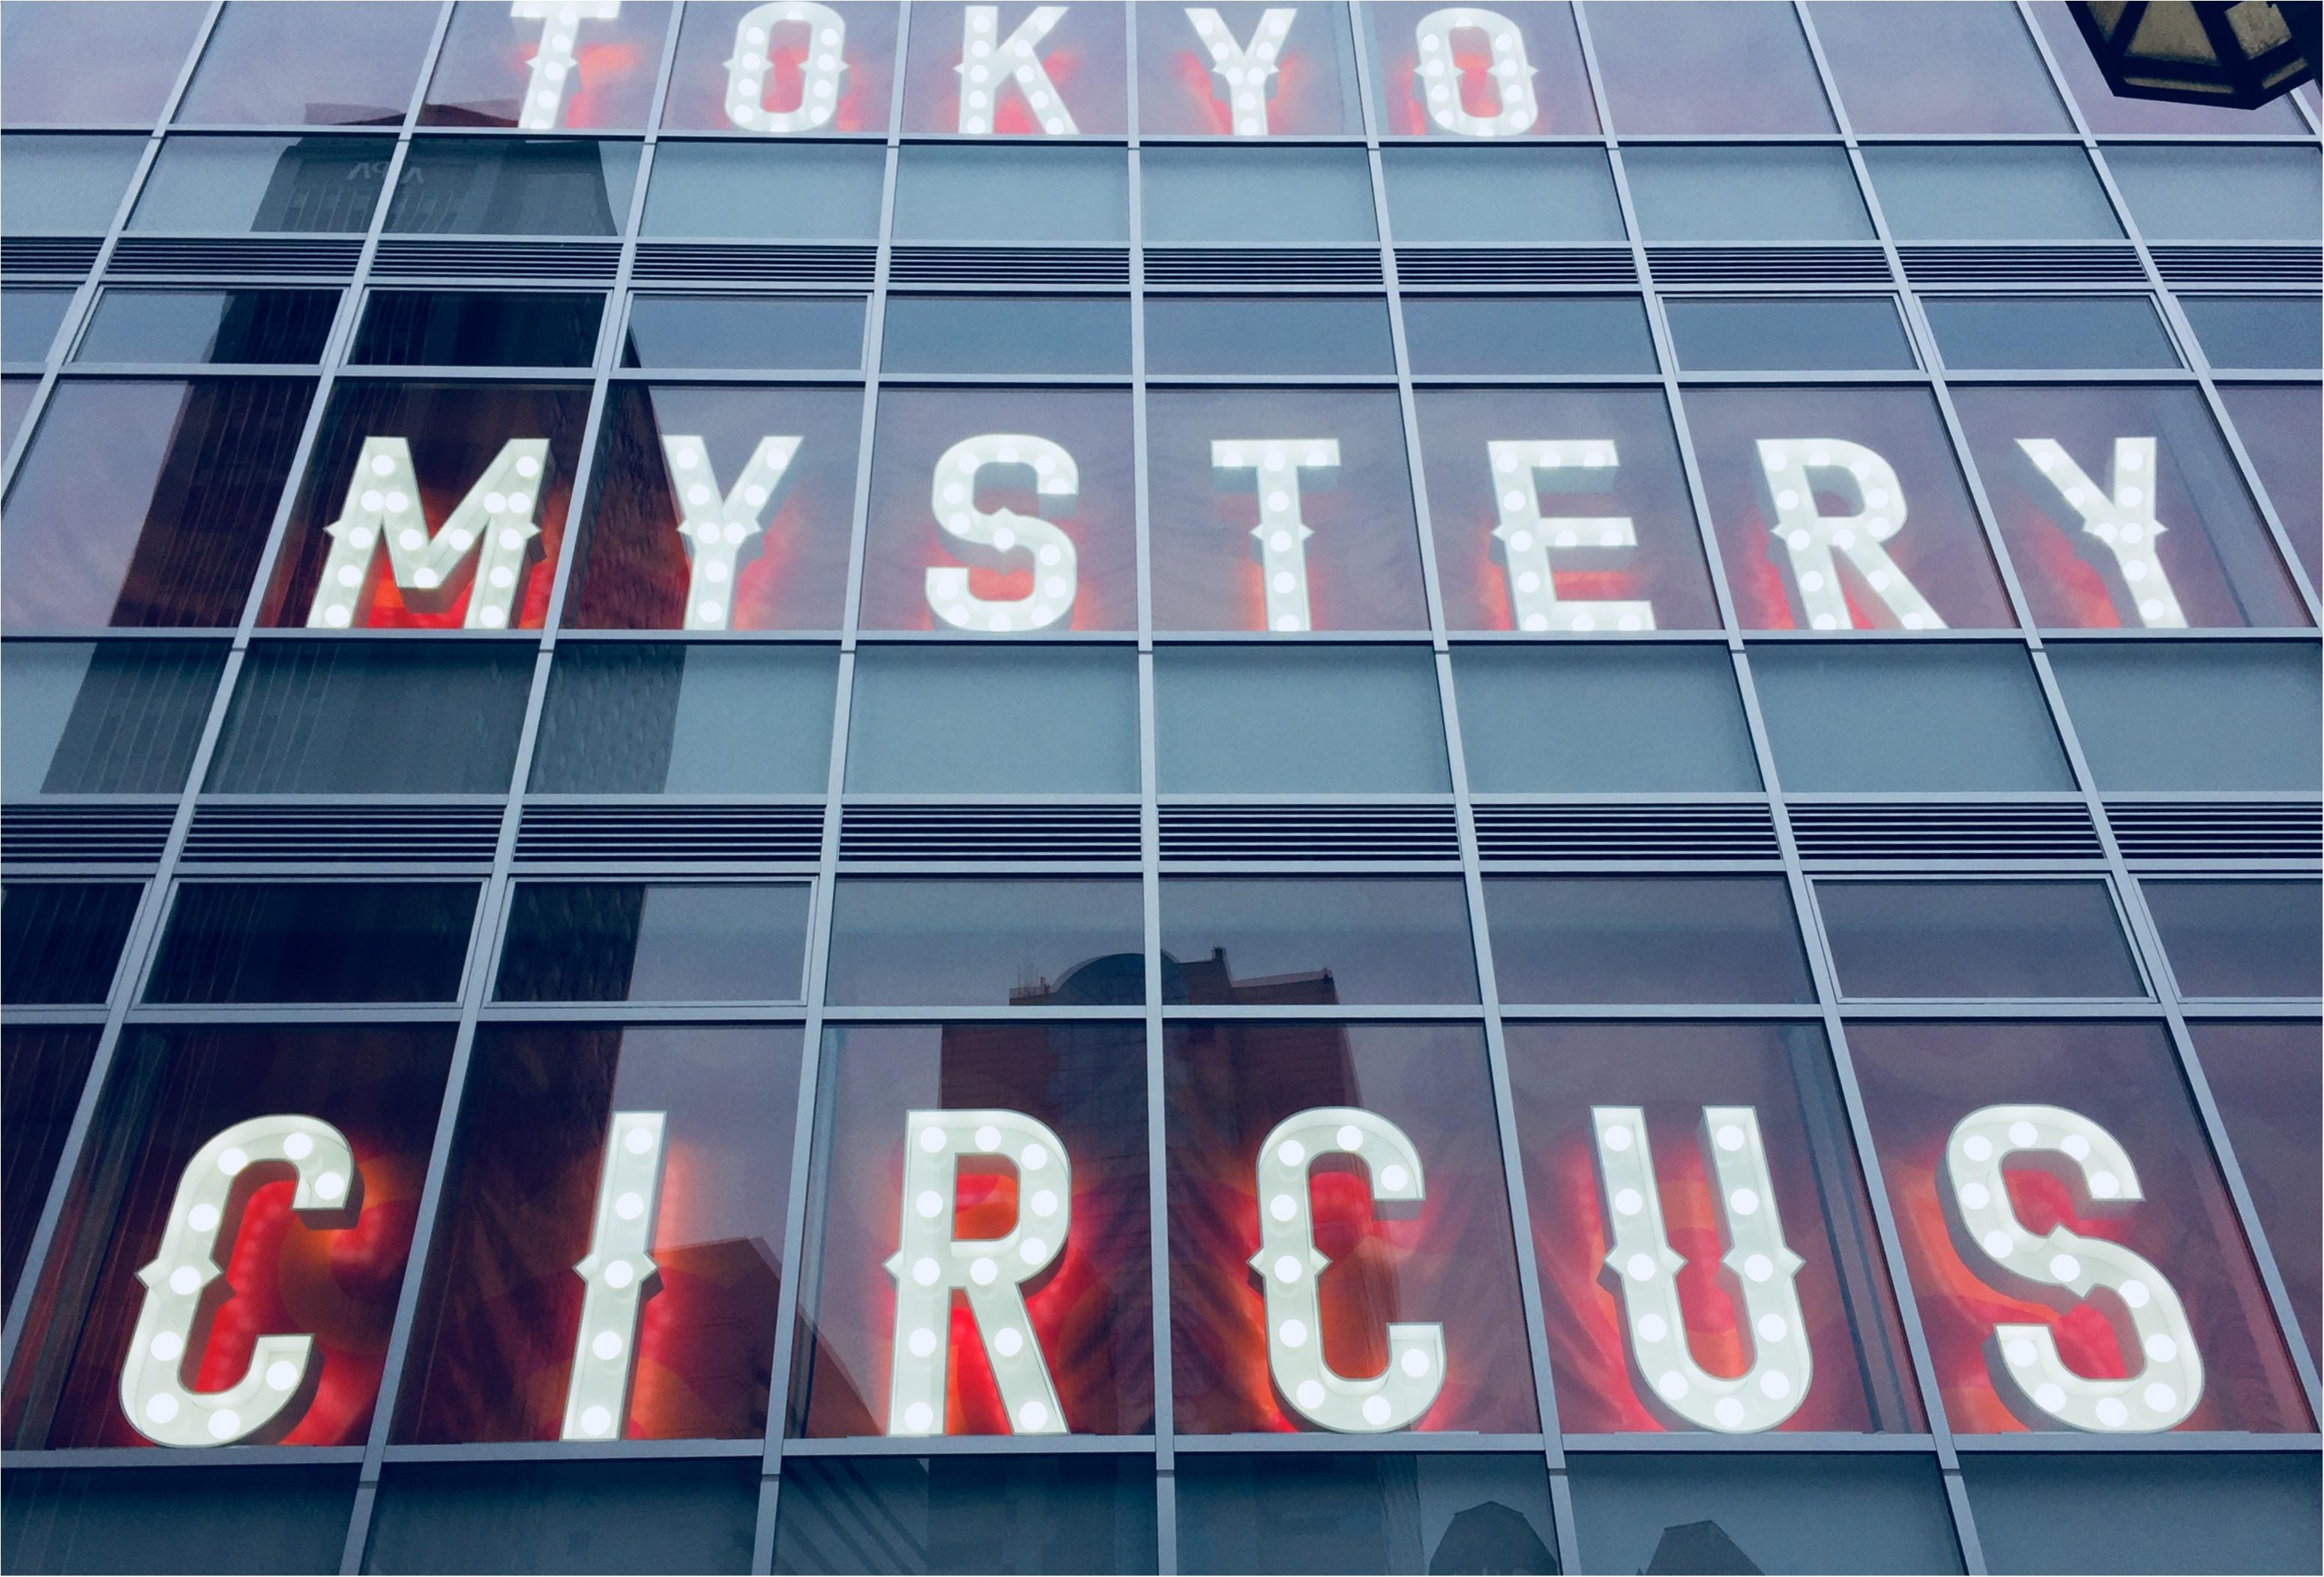 《東京ミステリーサーカス》ワクワクが止まらない!世界初・国内最大の【謎】テーマパークへ行ってきました★_1